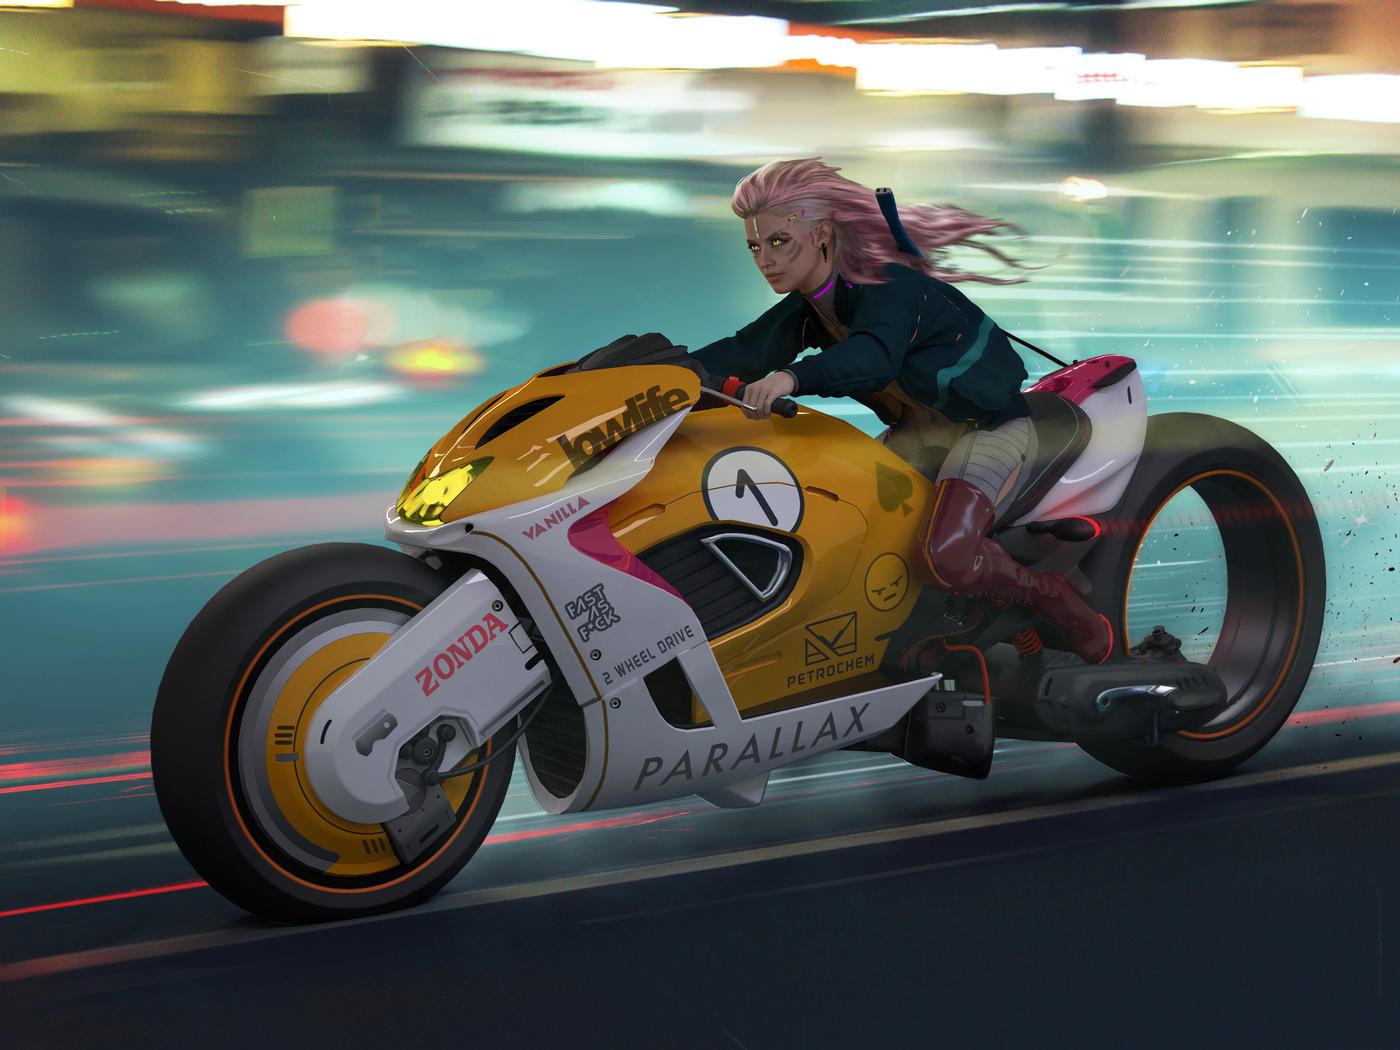 cyberpunk-zonda-parallax-bike-4k-v1.jpg